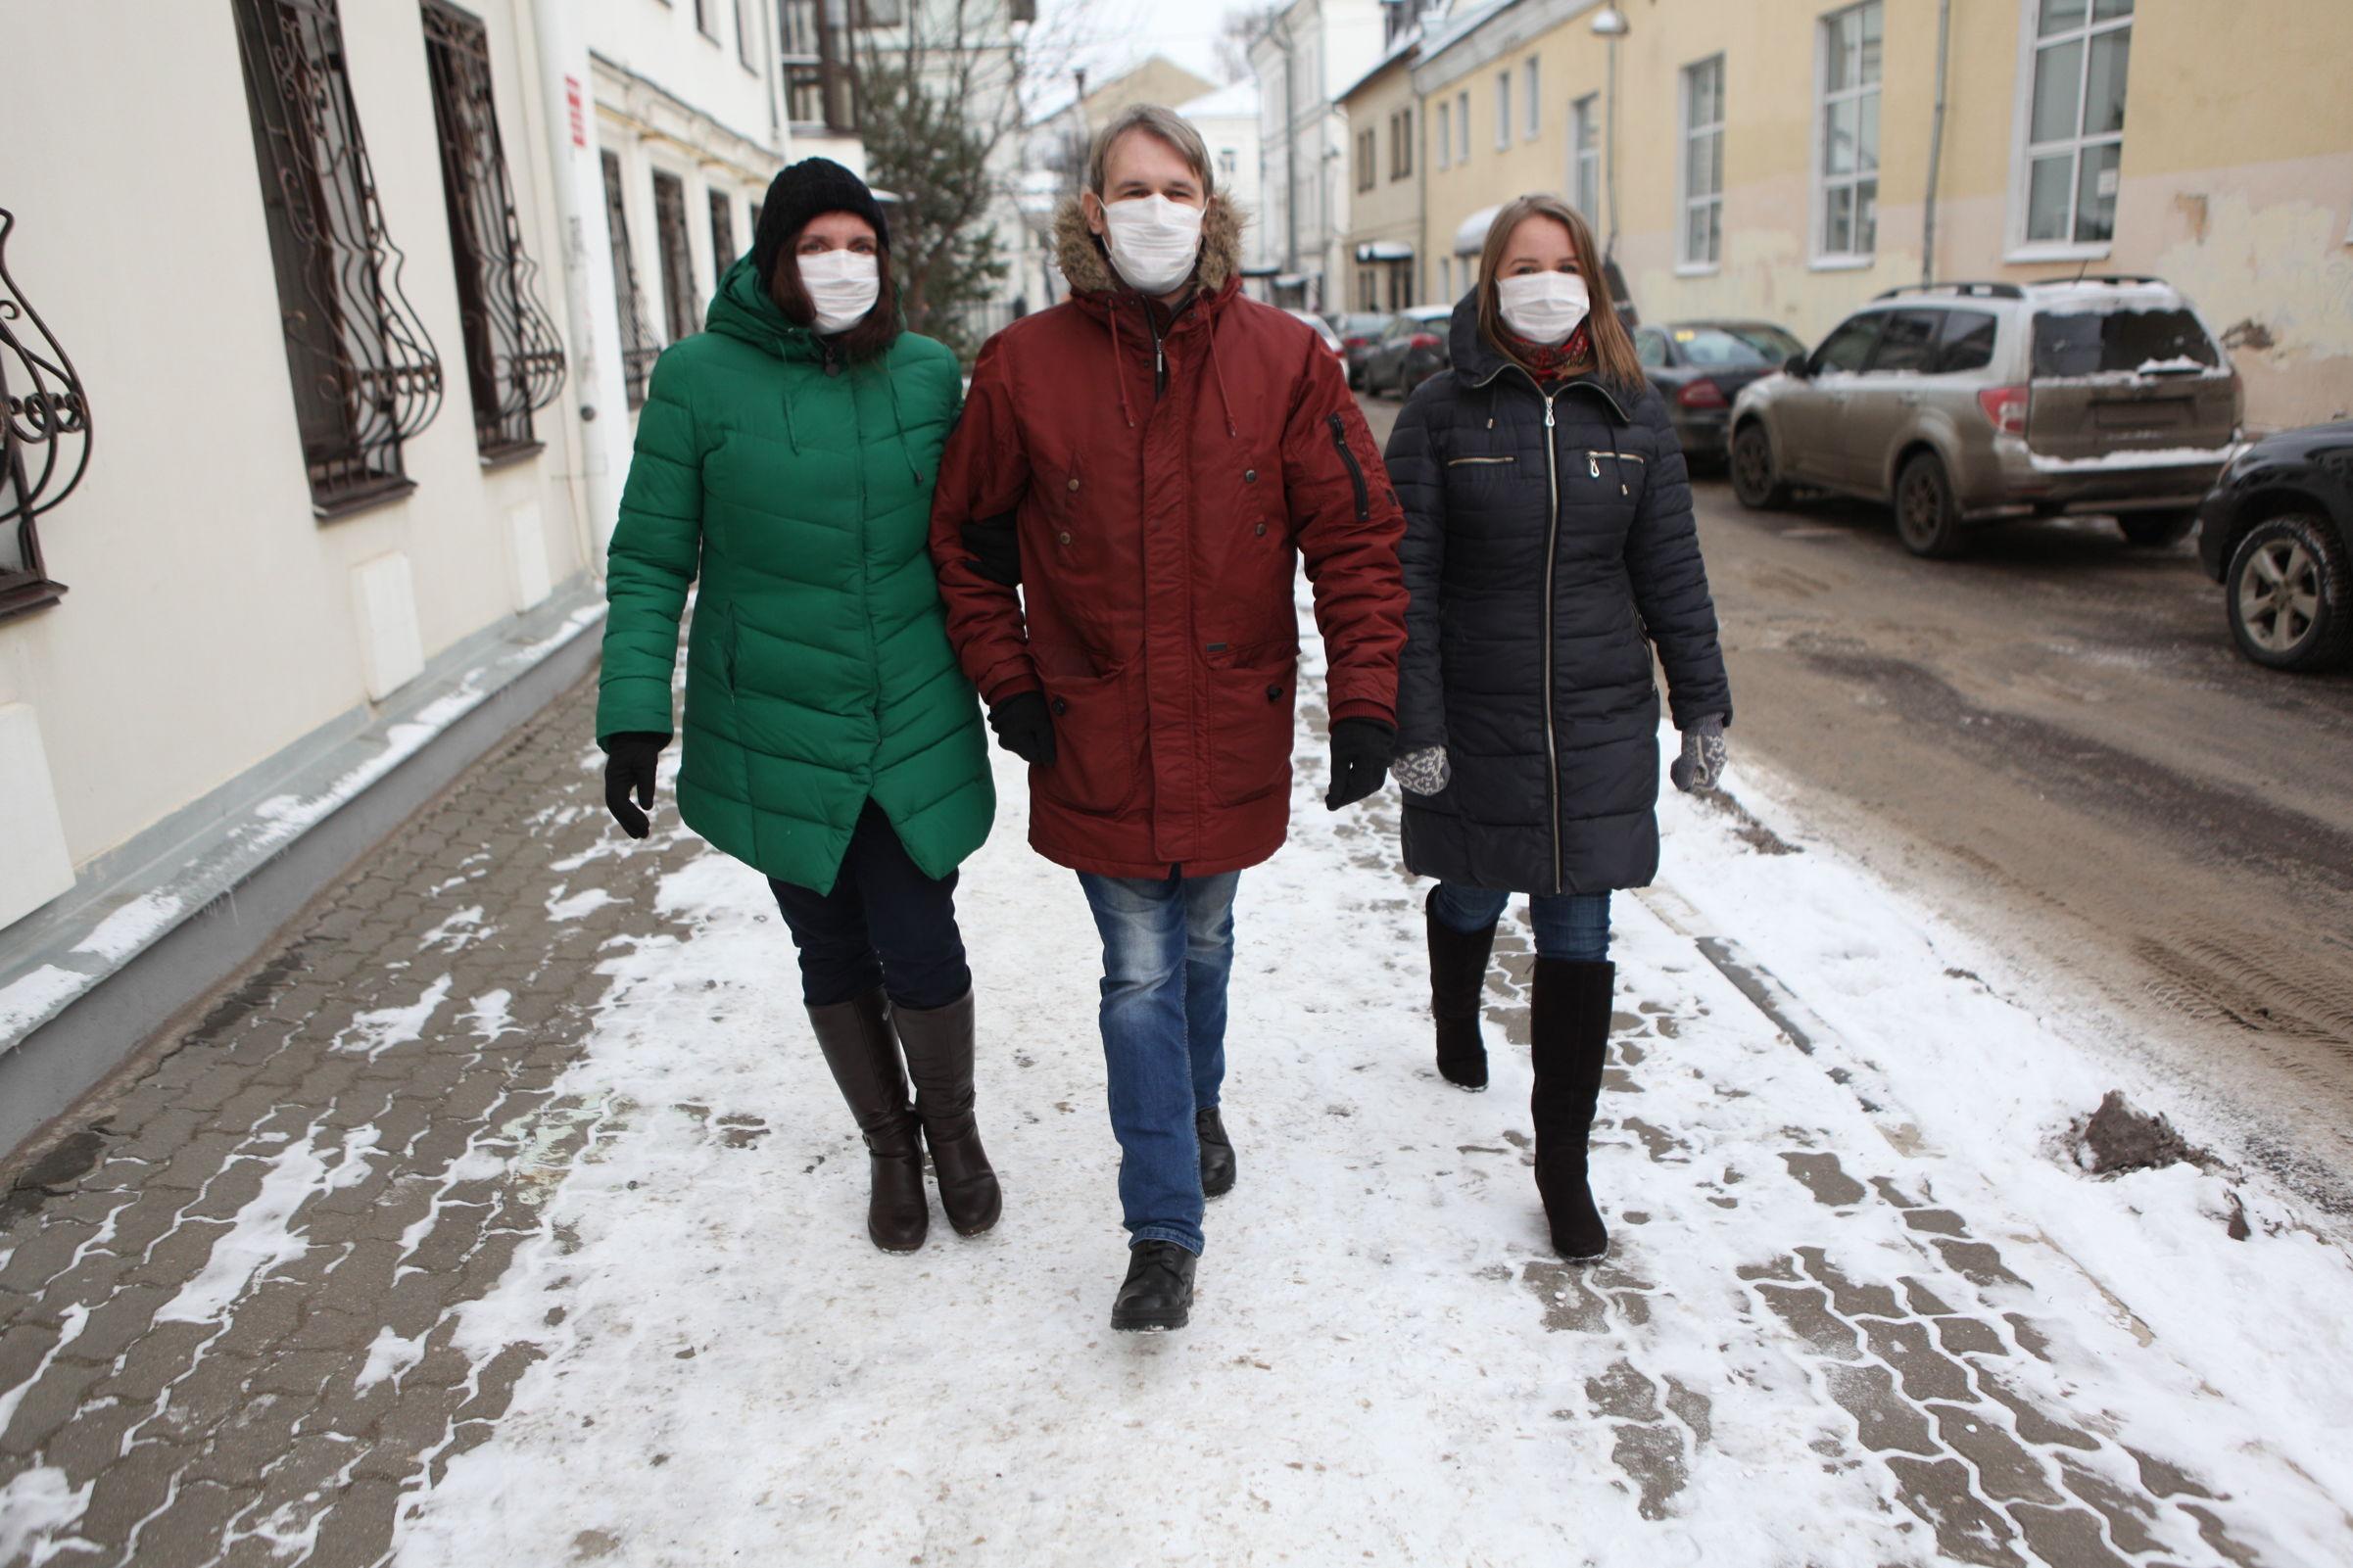 Новый контактный вирус взволновал россиян. Доктор медицинских наук рассказал, стоит ли паниковать ярославцам